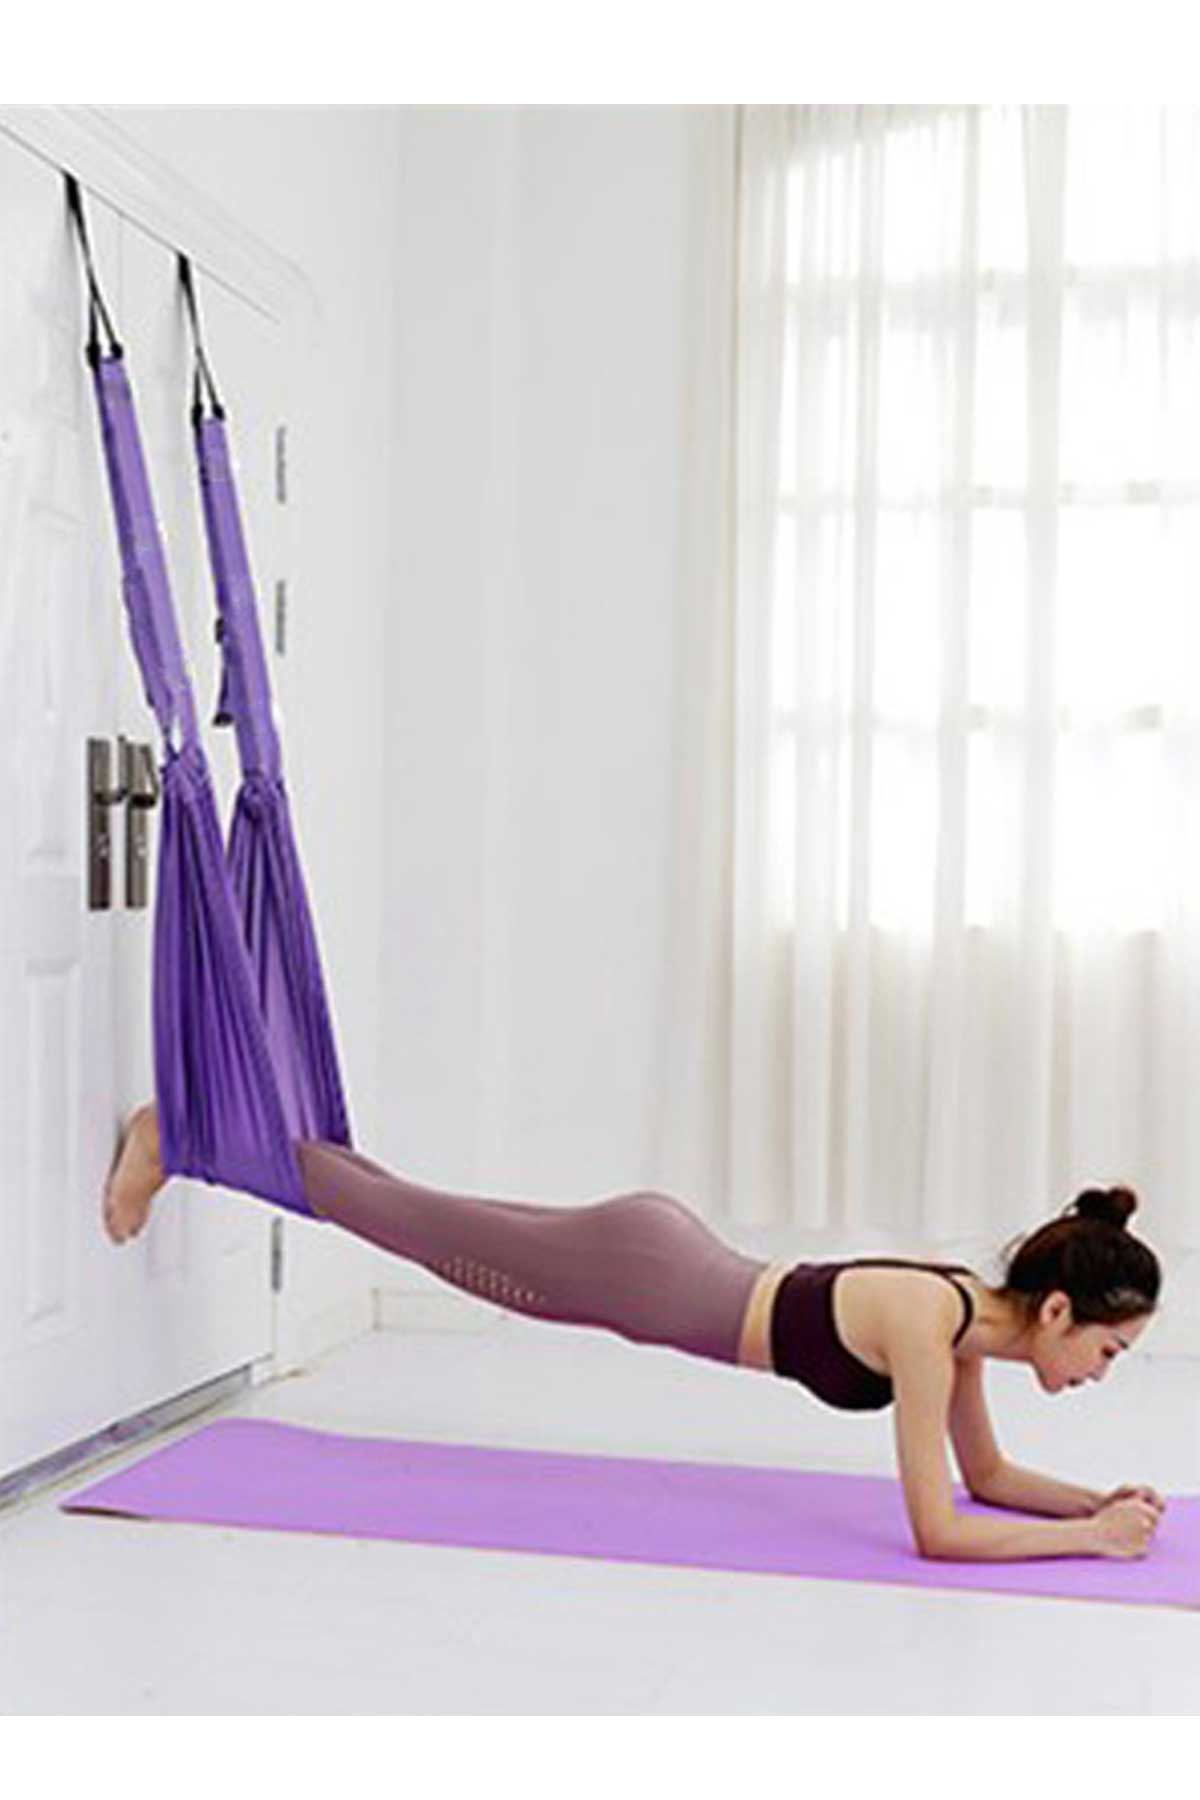 Mor Bundera Yoga Plus Pilates Fitness Hamağı Askılı Yoga Denge Spor Aleti